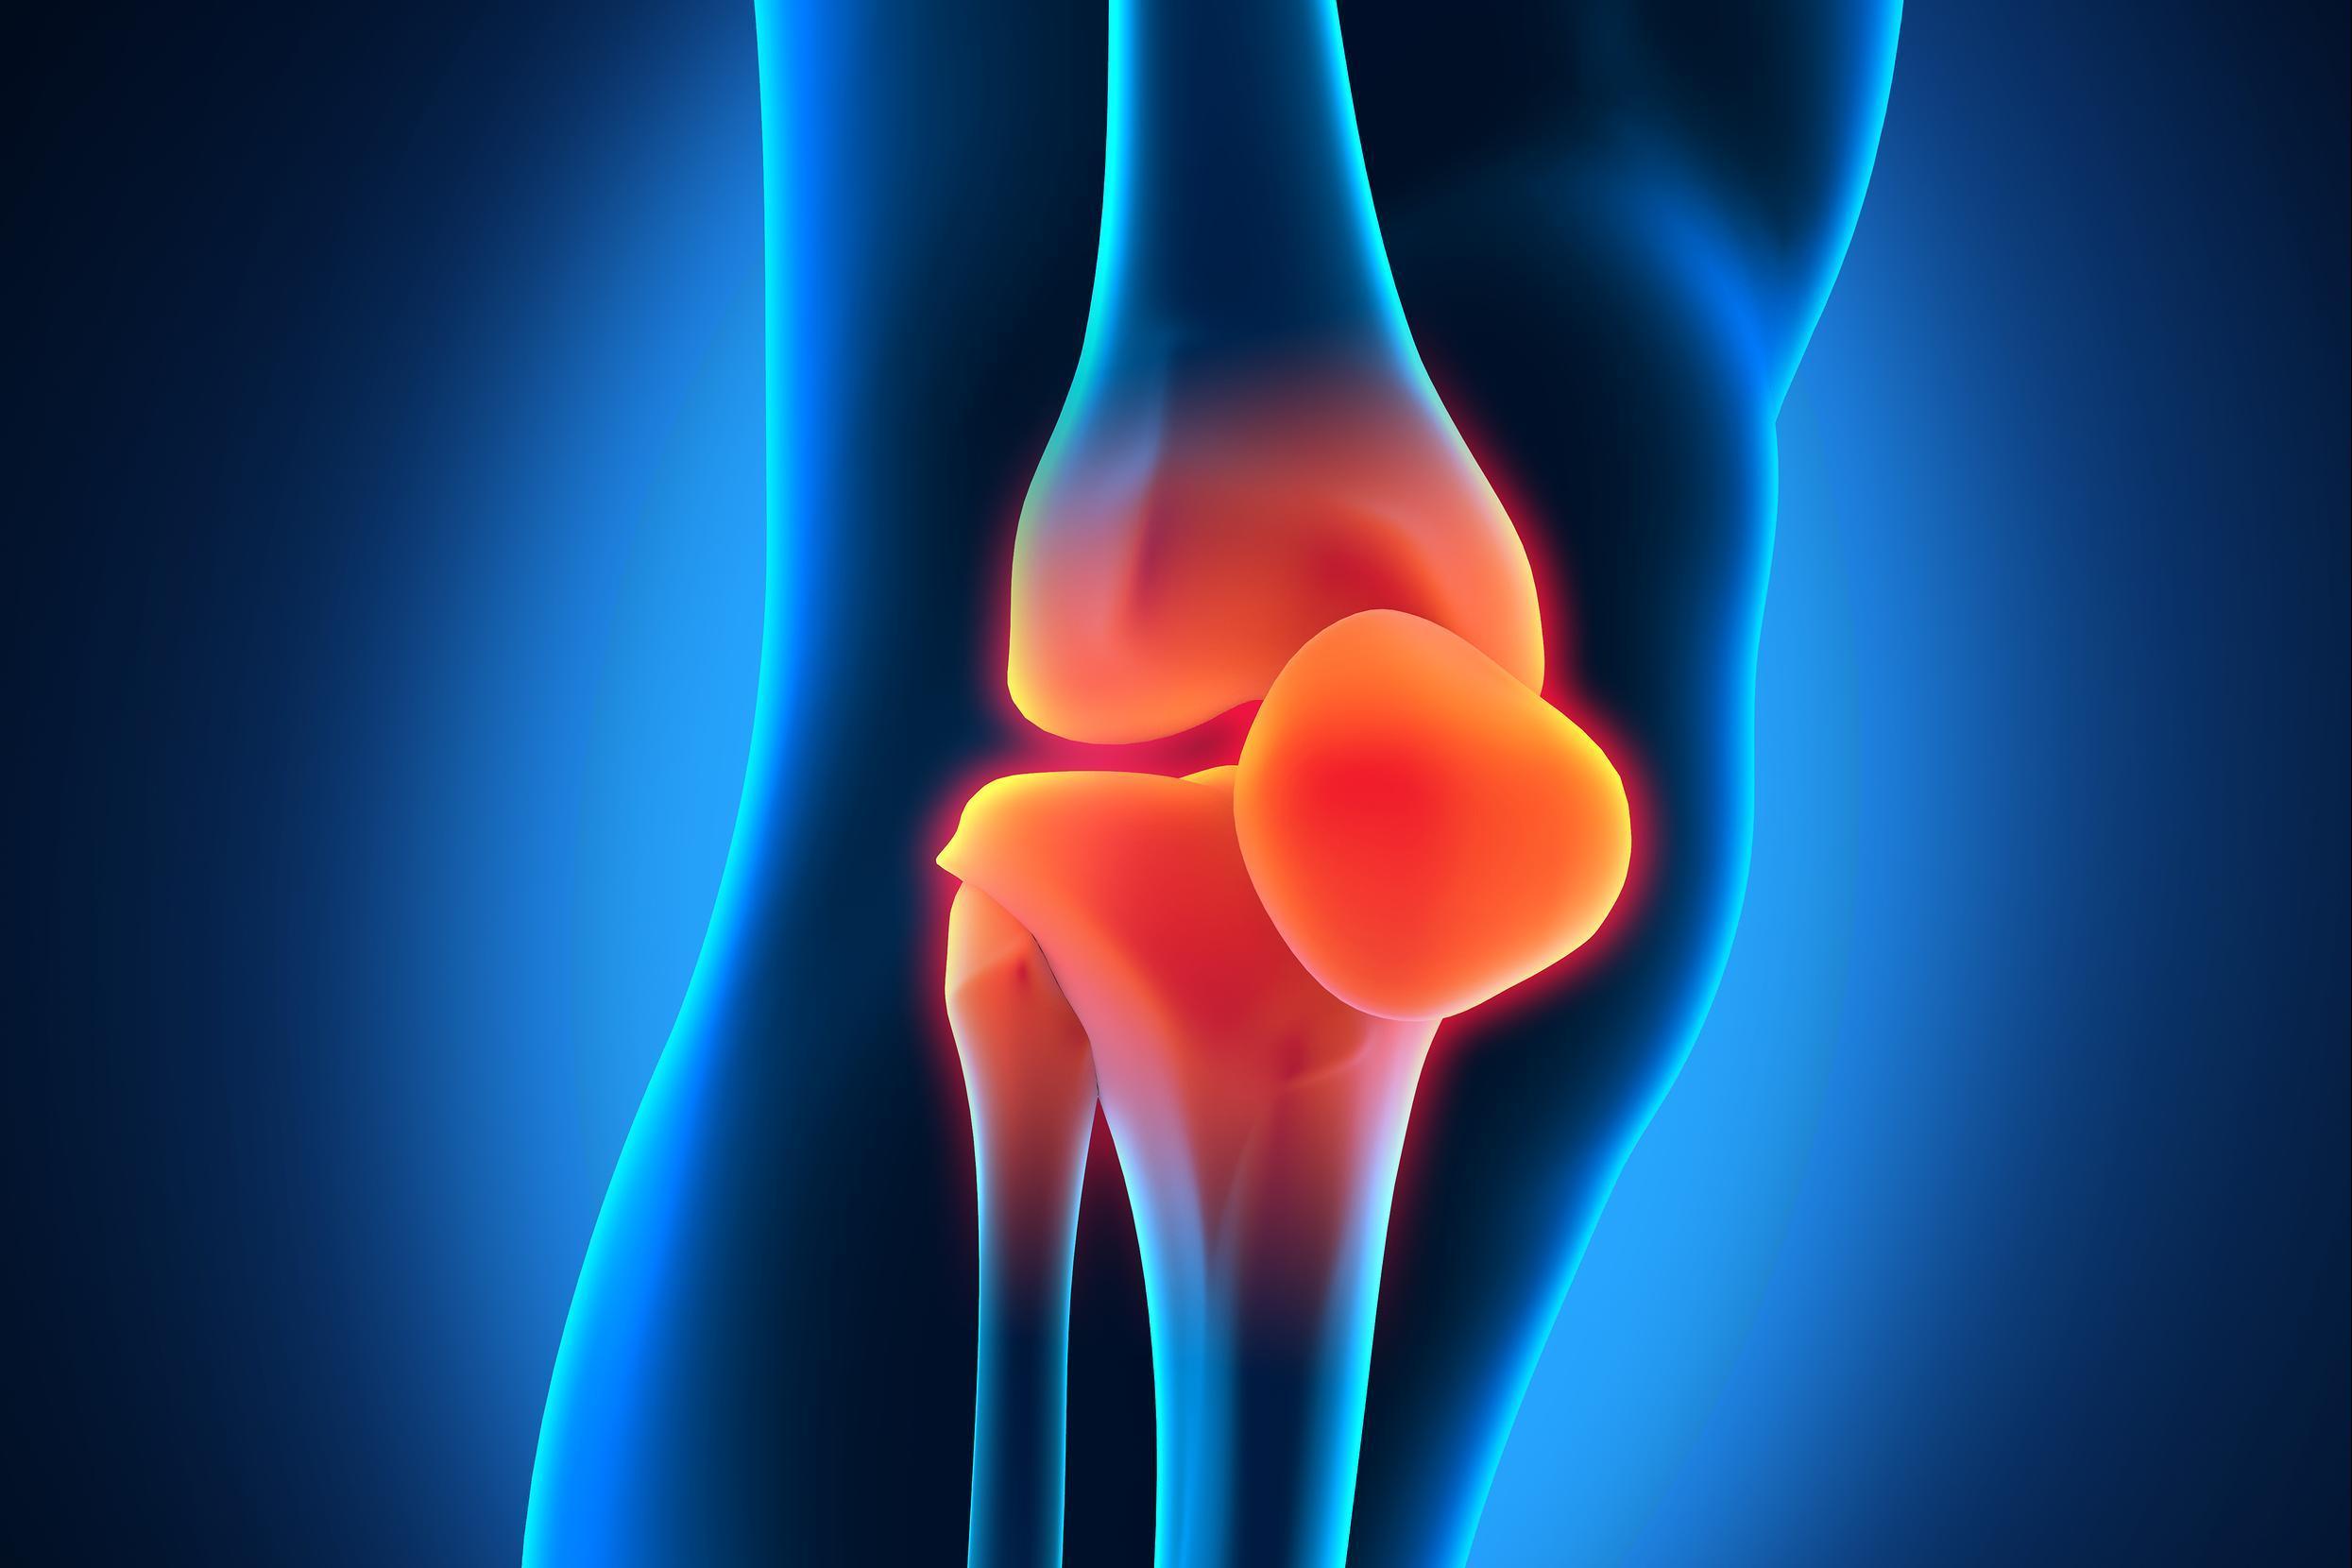 Артроз коленного сустава на МРТ